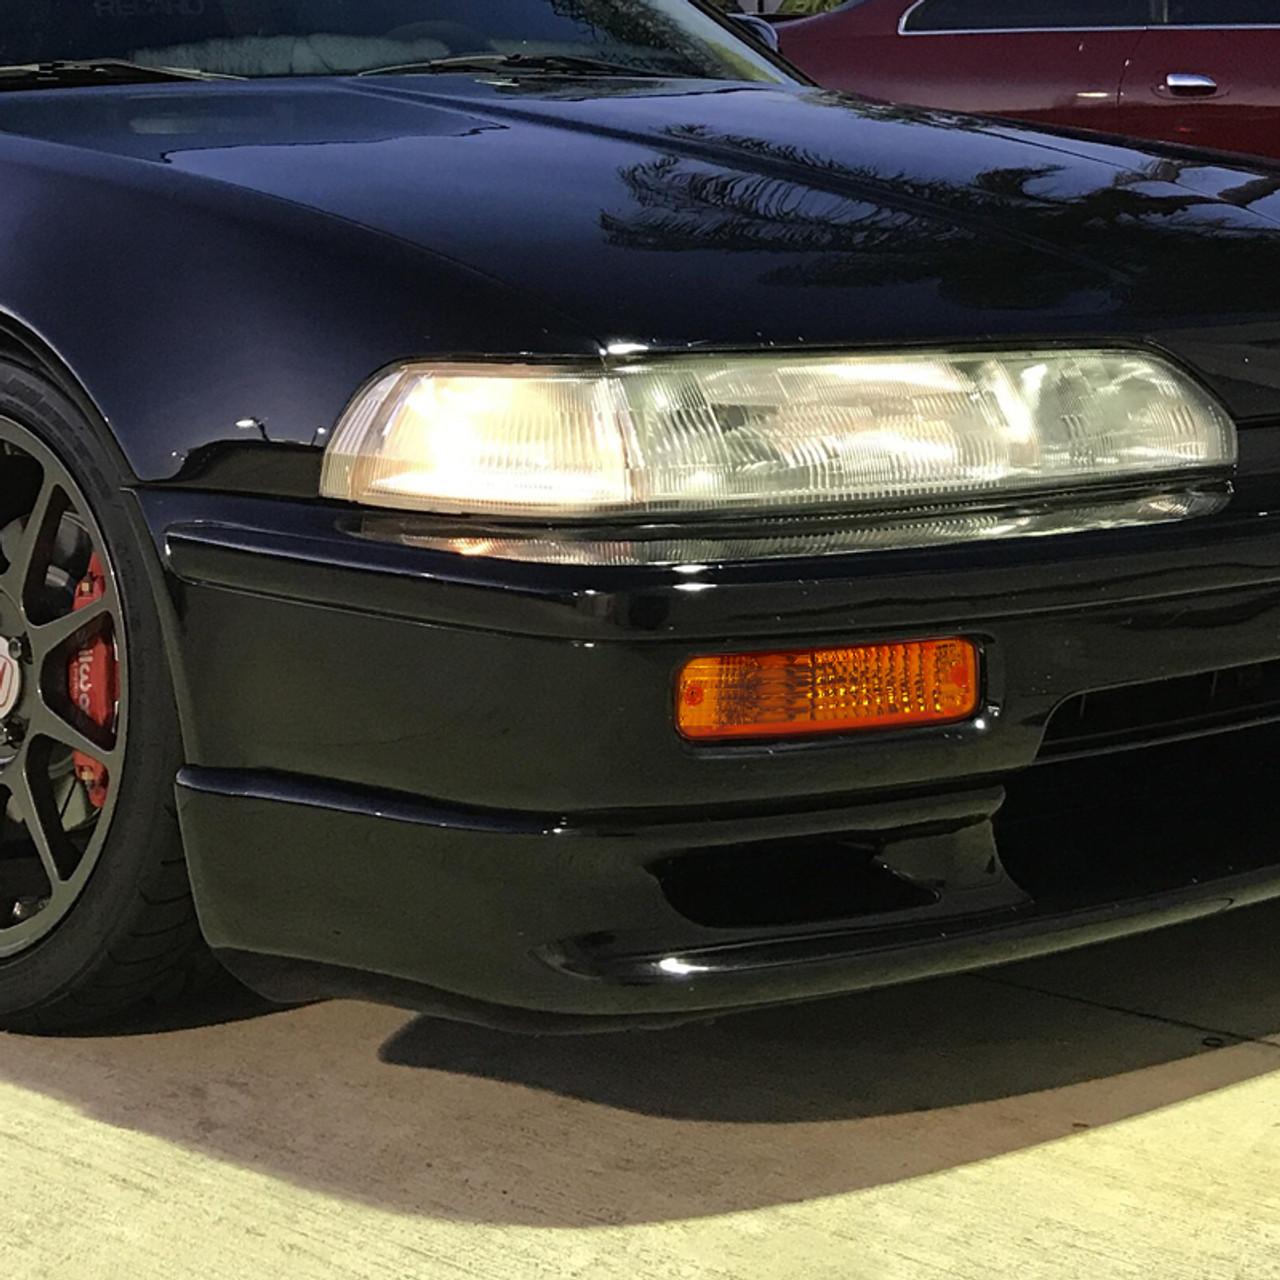 1990 1991 Acura Integra Bumper Lights Chrome Housing Amber Lens K2 Motor